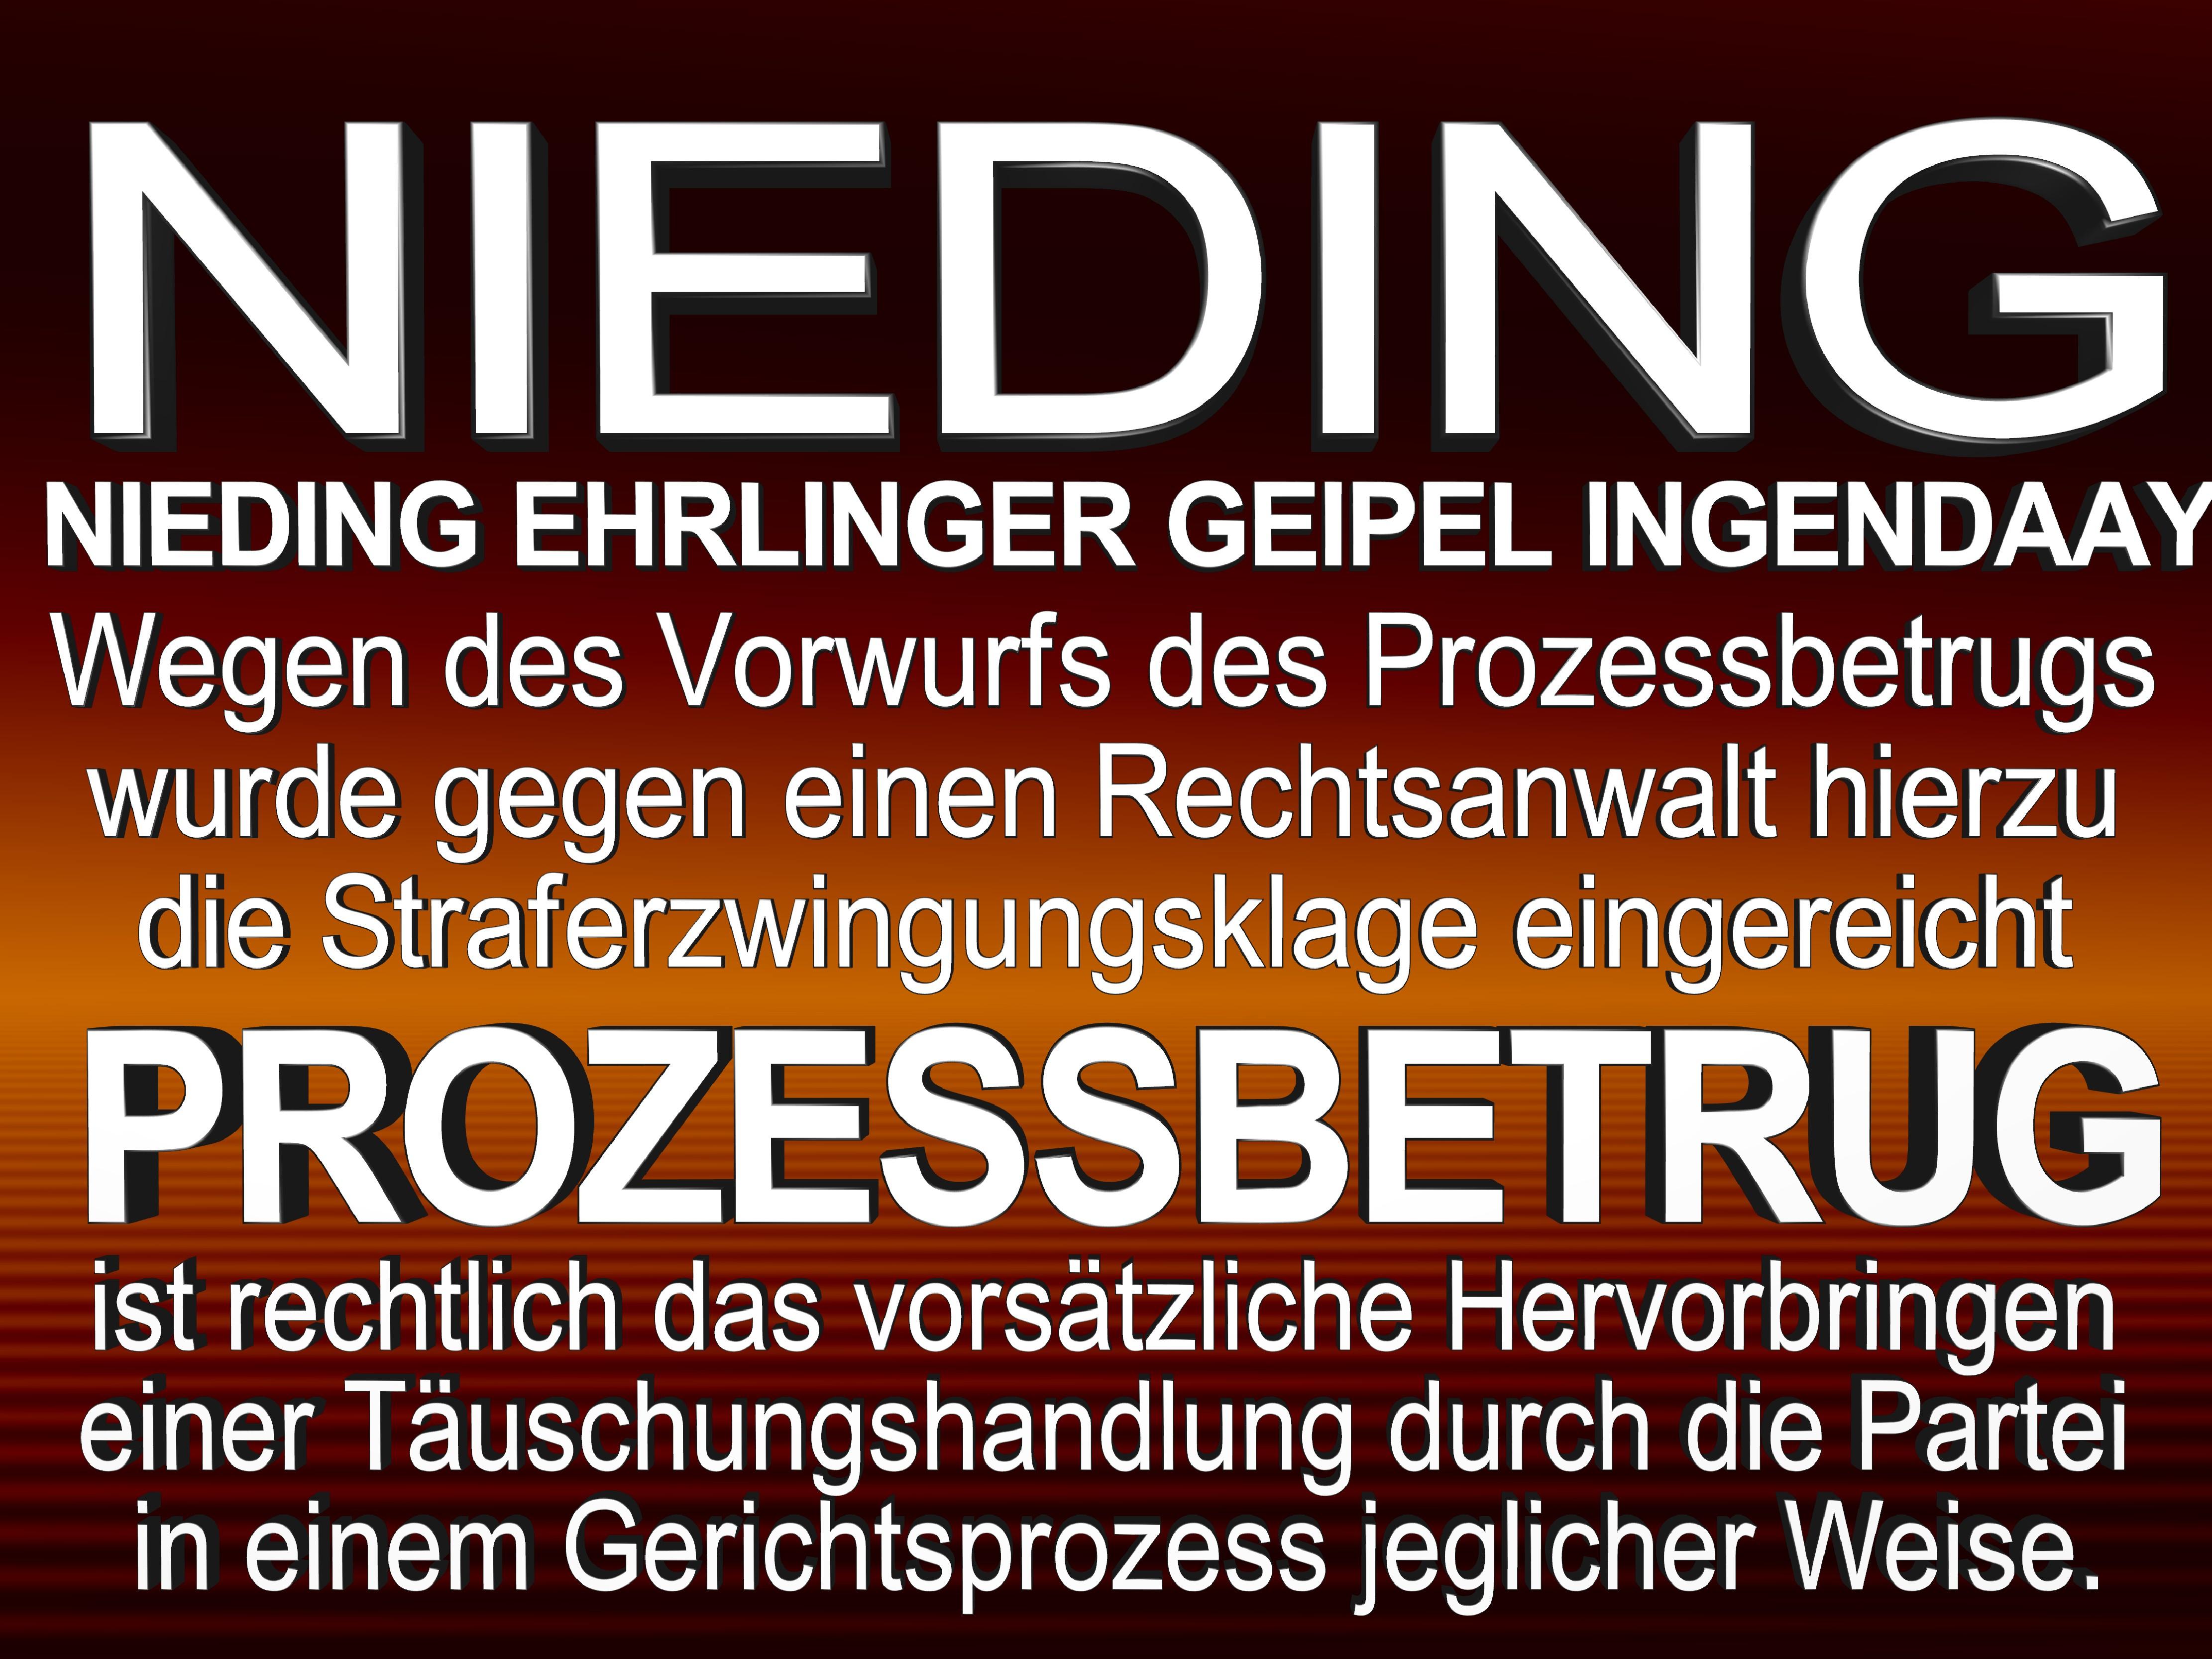 NIEDING EHRLINGER GEIPEL INGENDAAY LELKE Kurfürstendamm 66 Berlin (99)